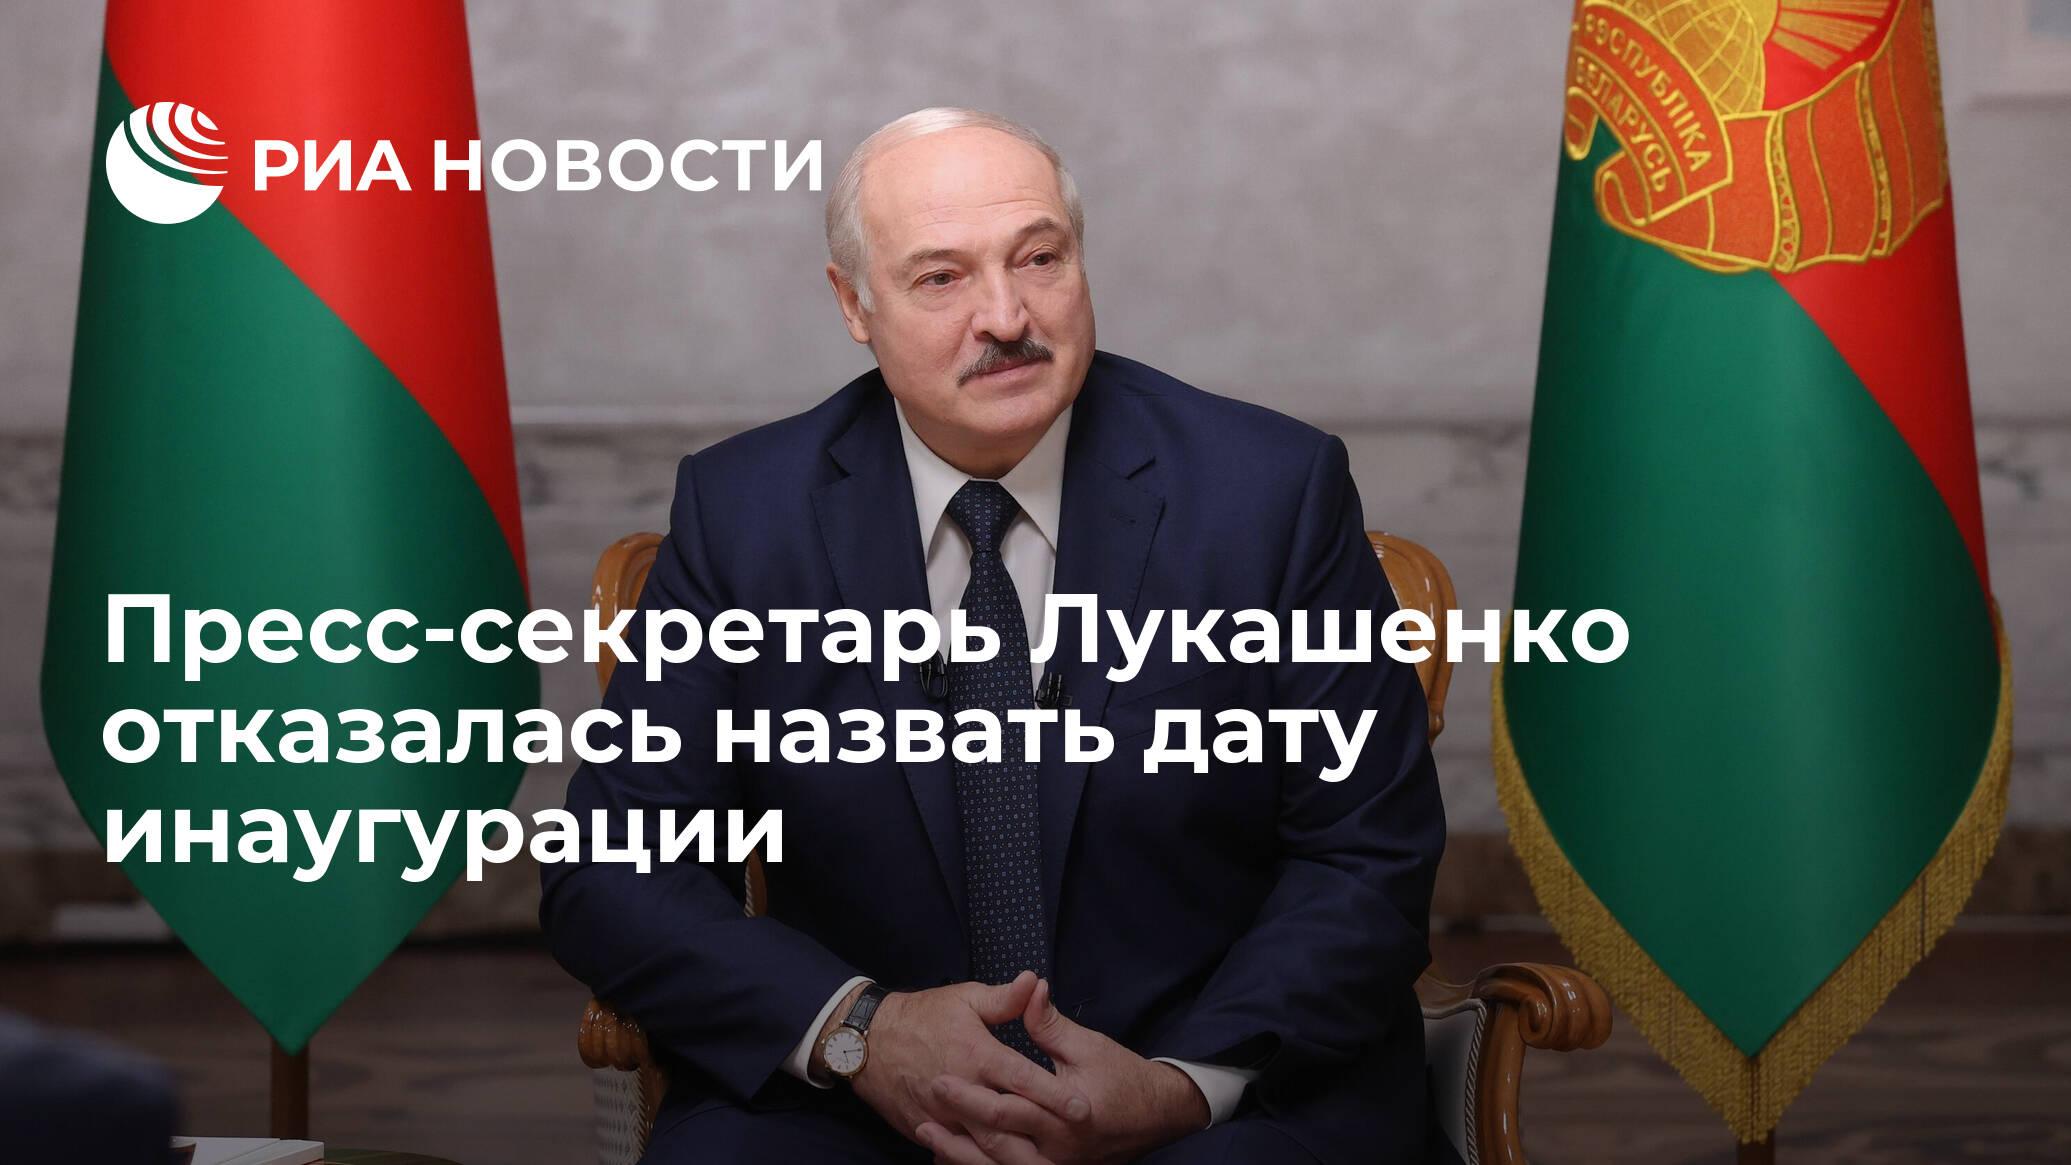 Пресс-секретарь Лукашенко отказалась назвать дату инаугурации